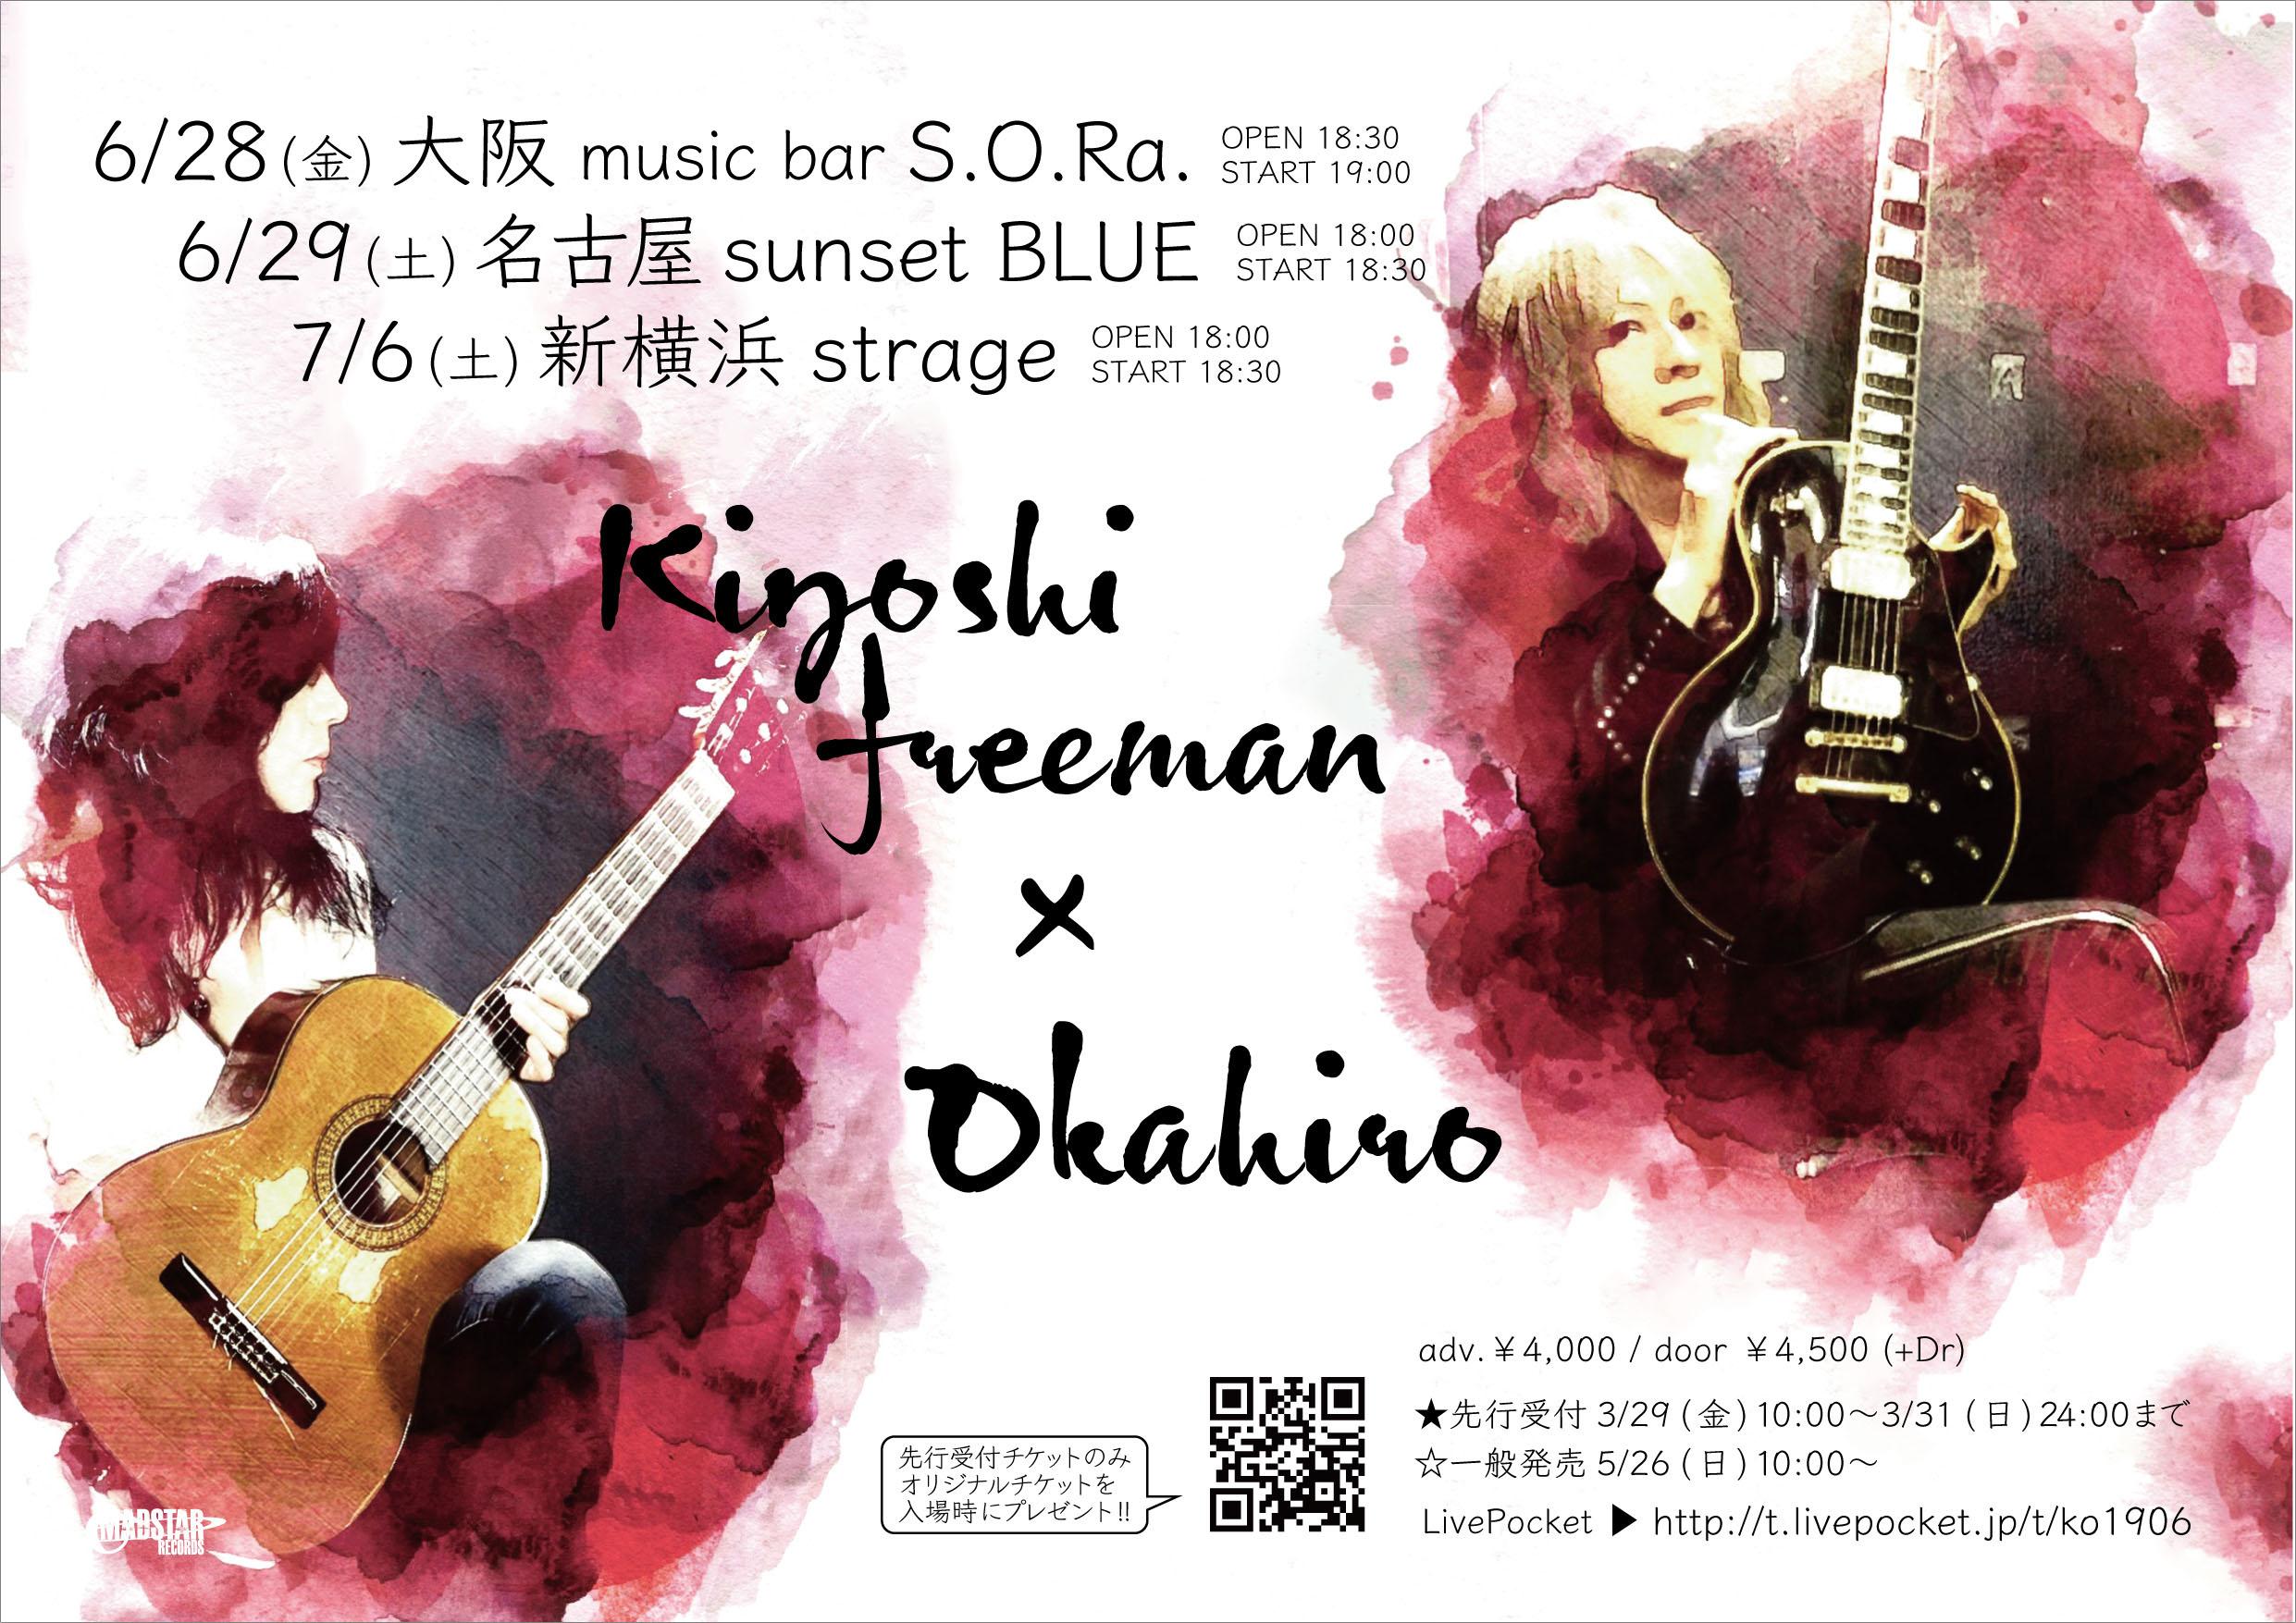 Kiyoshi freeman×Okahiro 6/28 大阪music bar S.O.Ra. チケット